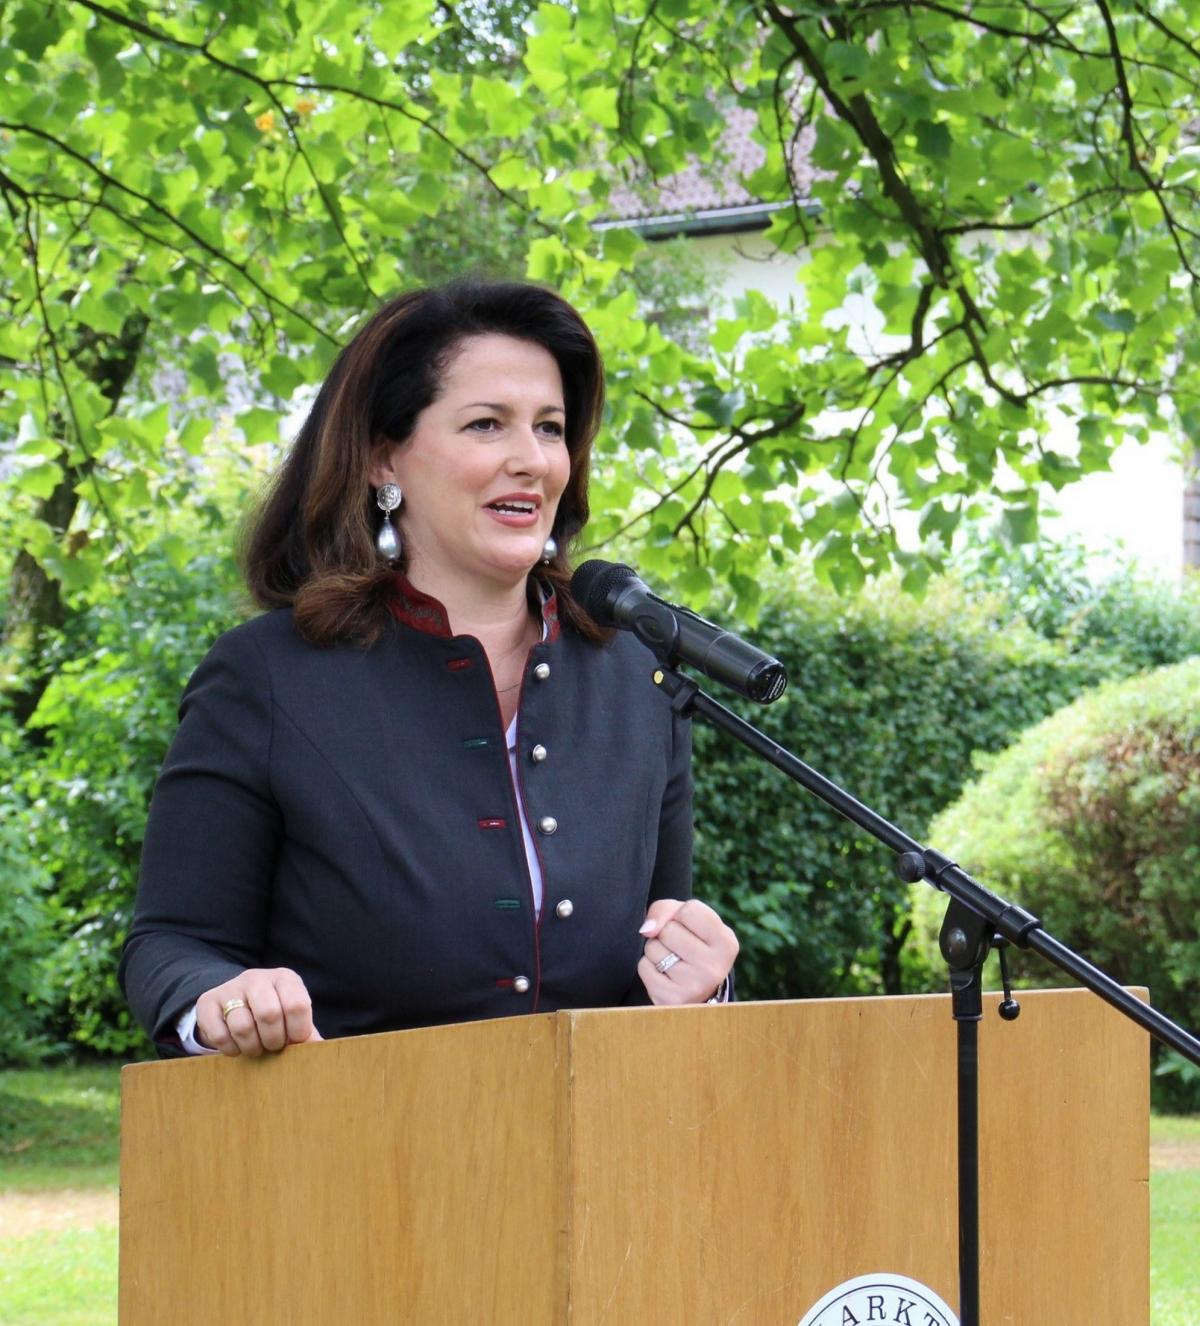 Staatsministerin Michaela Kaniber bei ihrer Ansprache im Lindenpark in Teisendorf